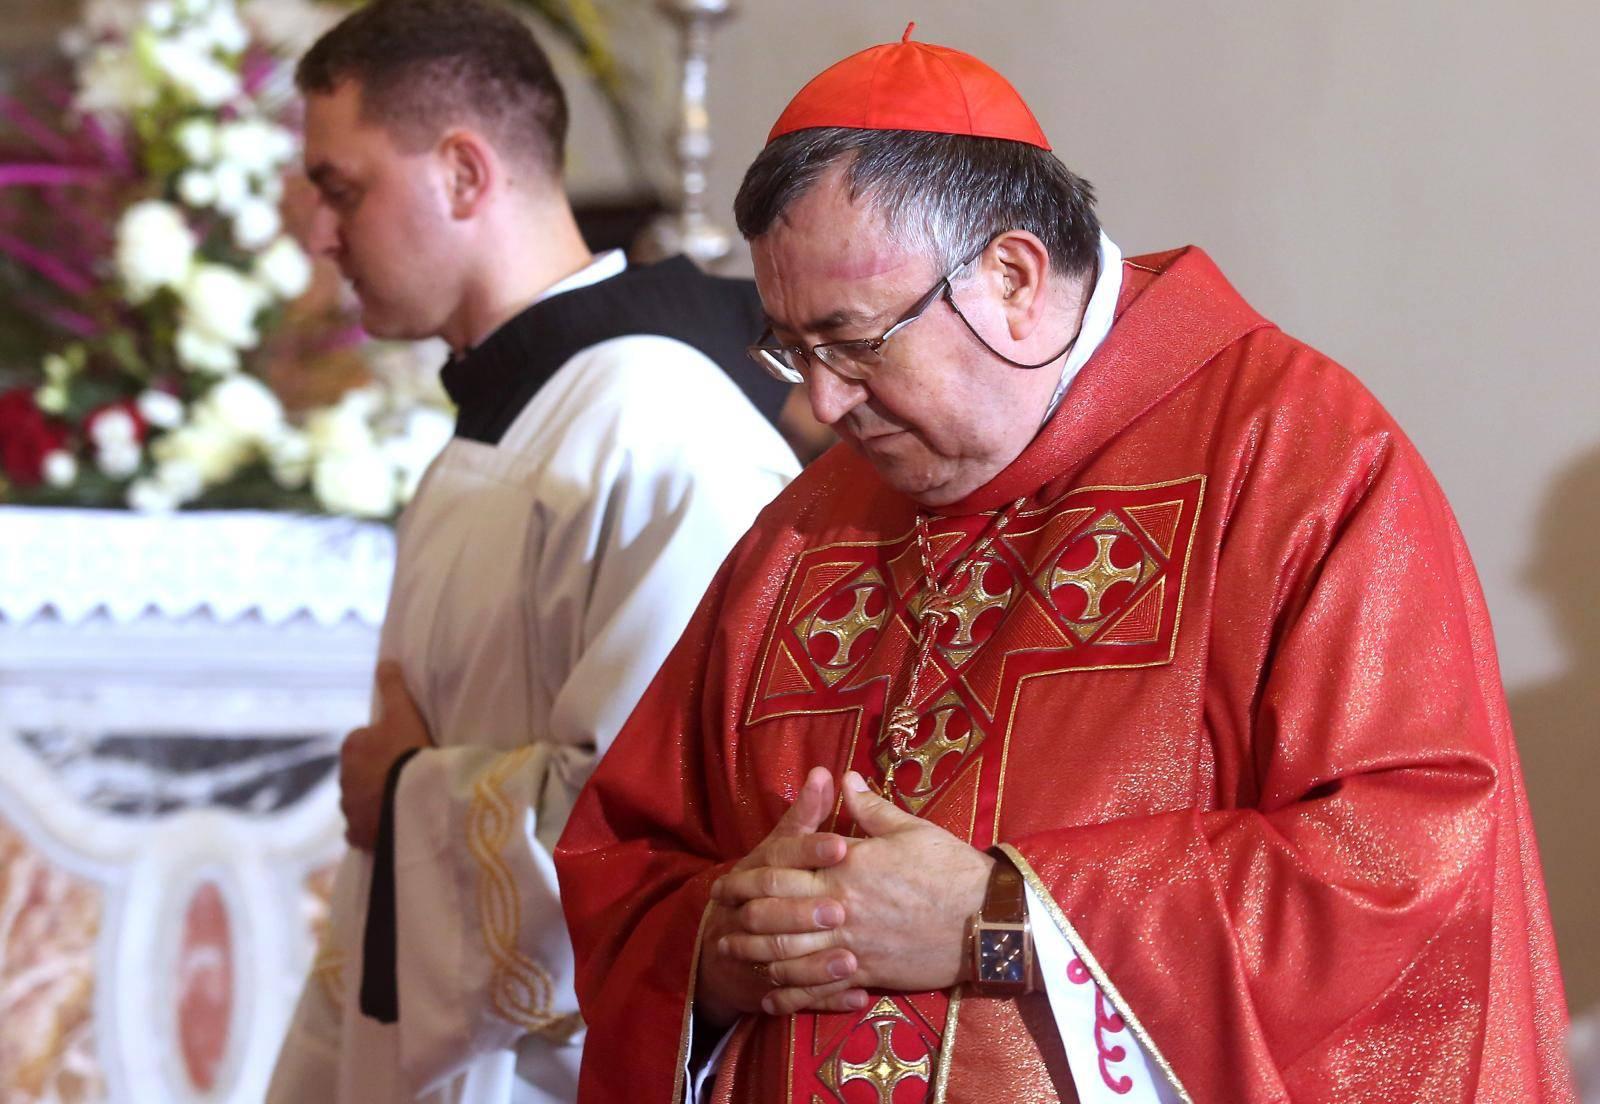 Šibenik: Procesijom i misom u crkvi Sv. Frane proslavljen blagdan sv. Nikole Tavelića